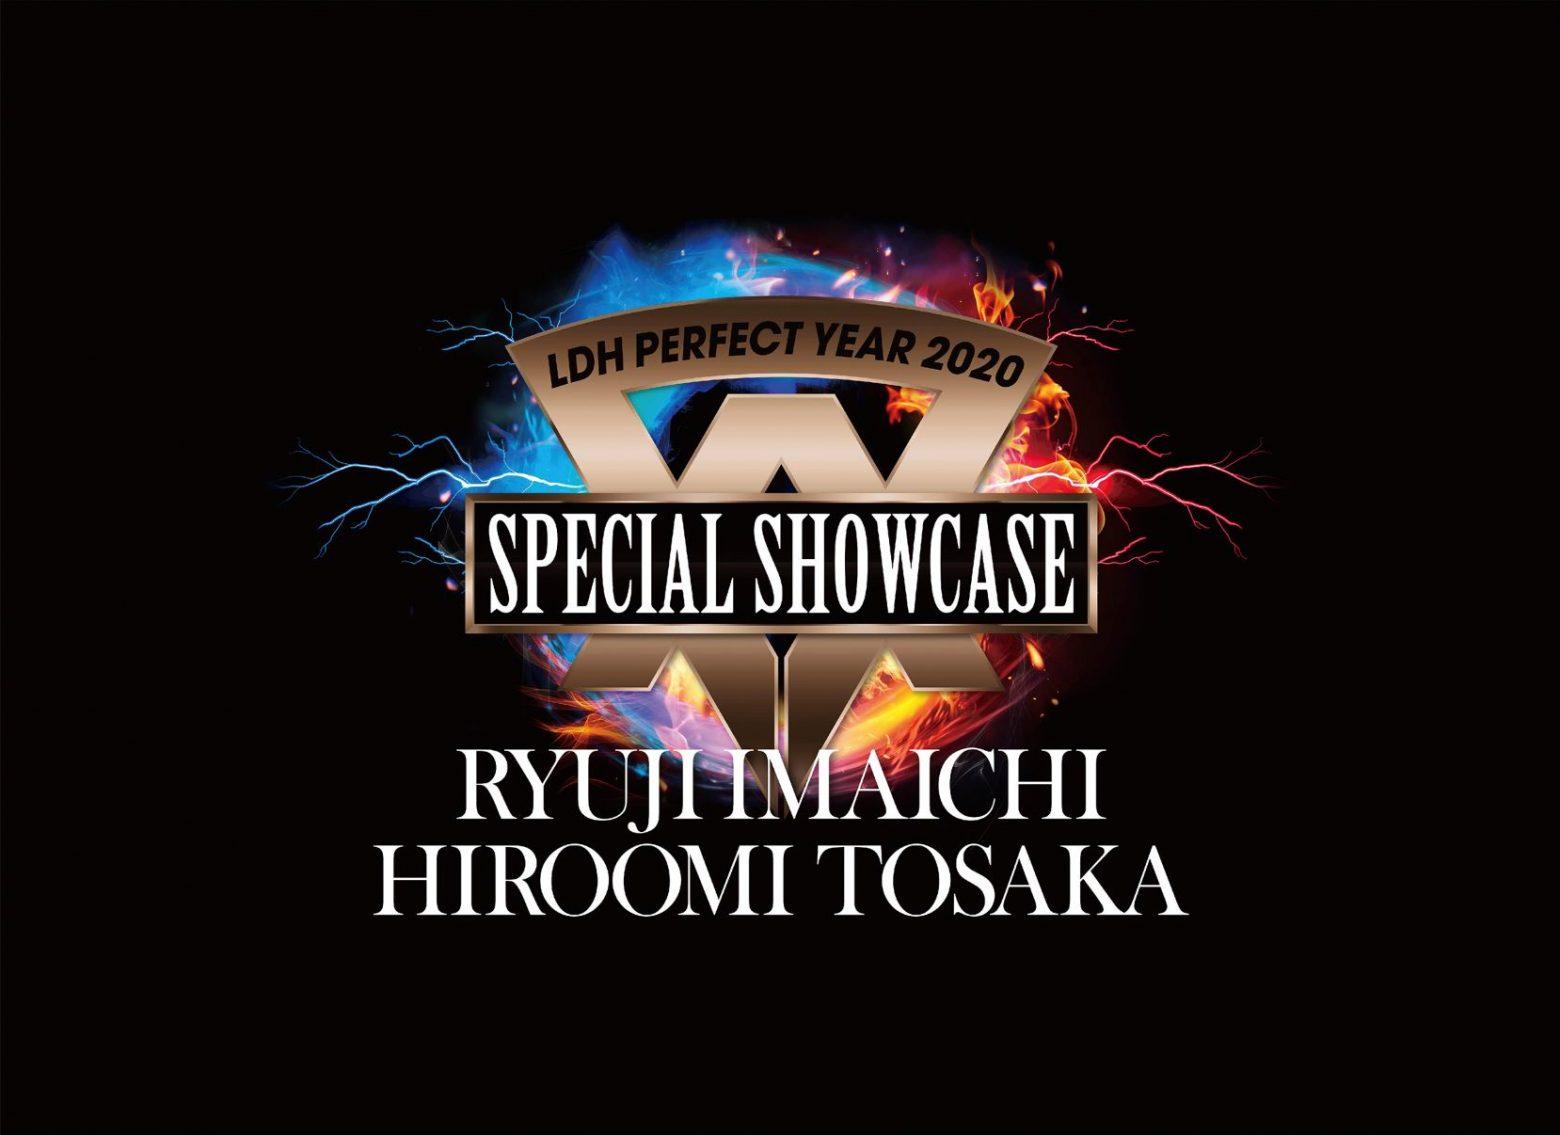 「LDH PERFECT YEAR 2020 SPECIAL SHOWCASE RYUJI IMAICHI / HIROOMI TOSAKA」